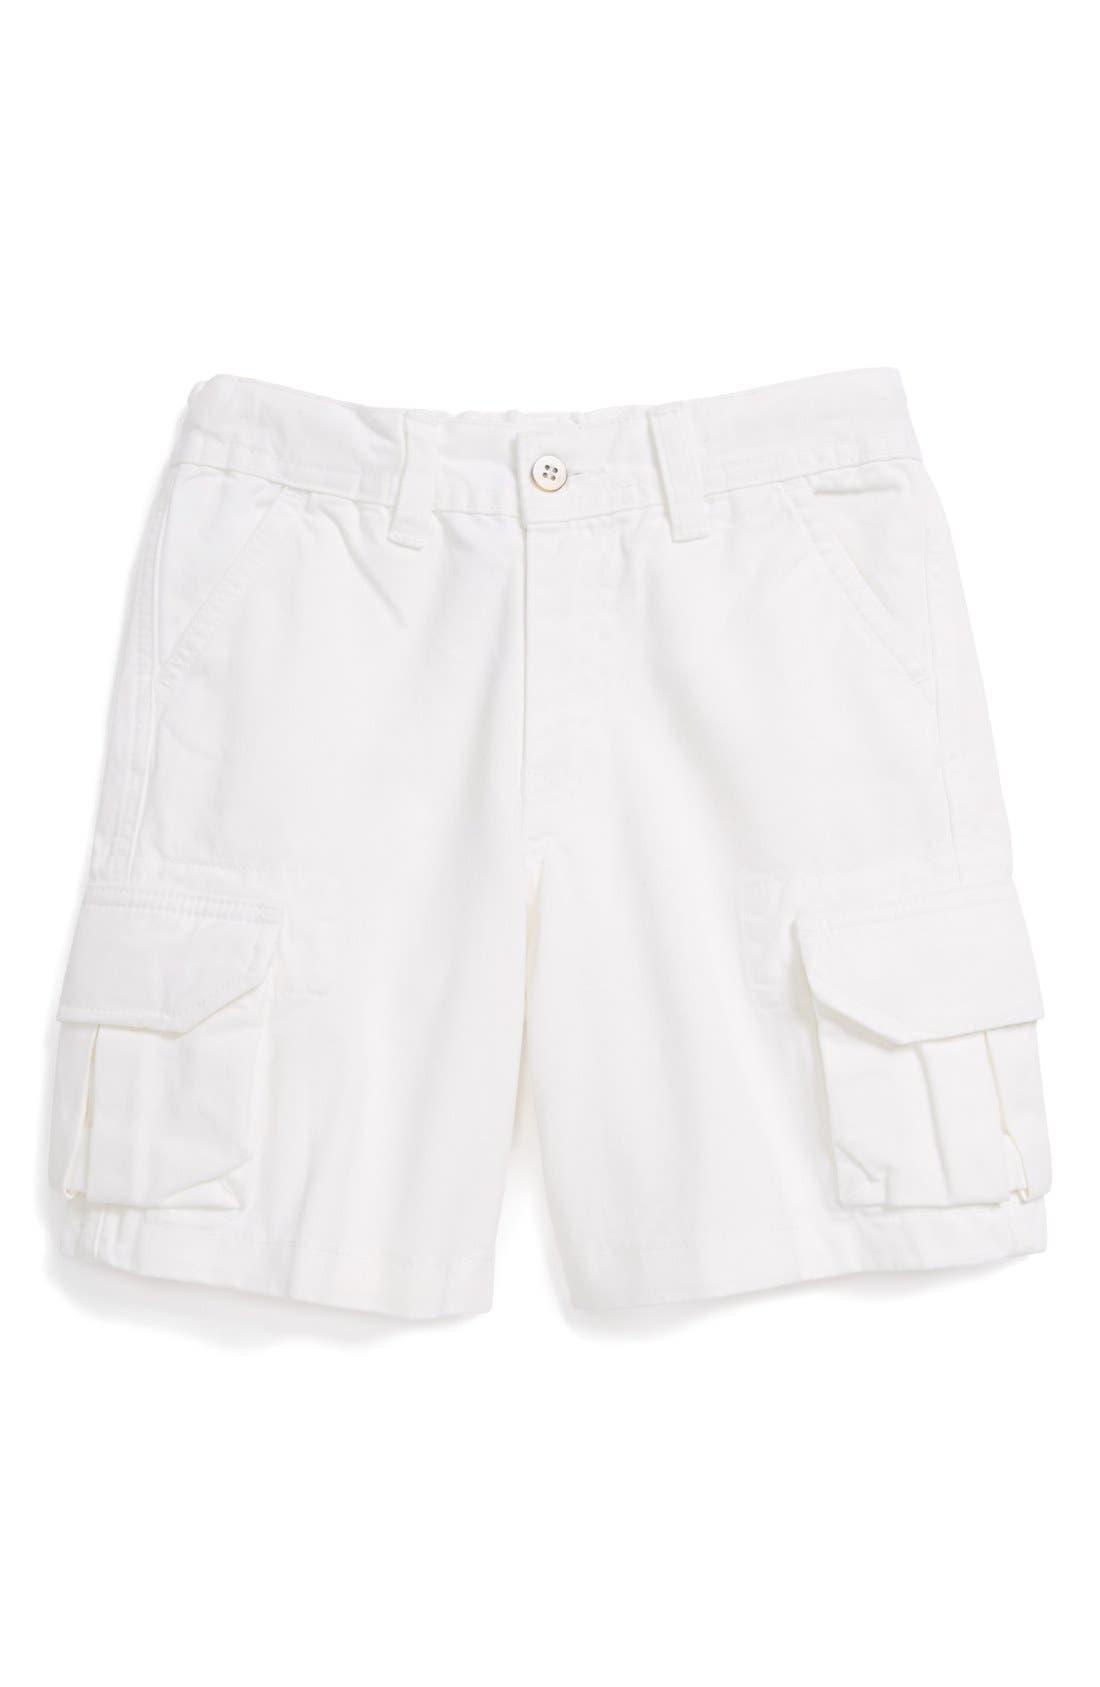 Alternate Image 1 Selected - Oscar de la Renta Twill Cargo Shorts (Toddler Boys)